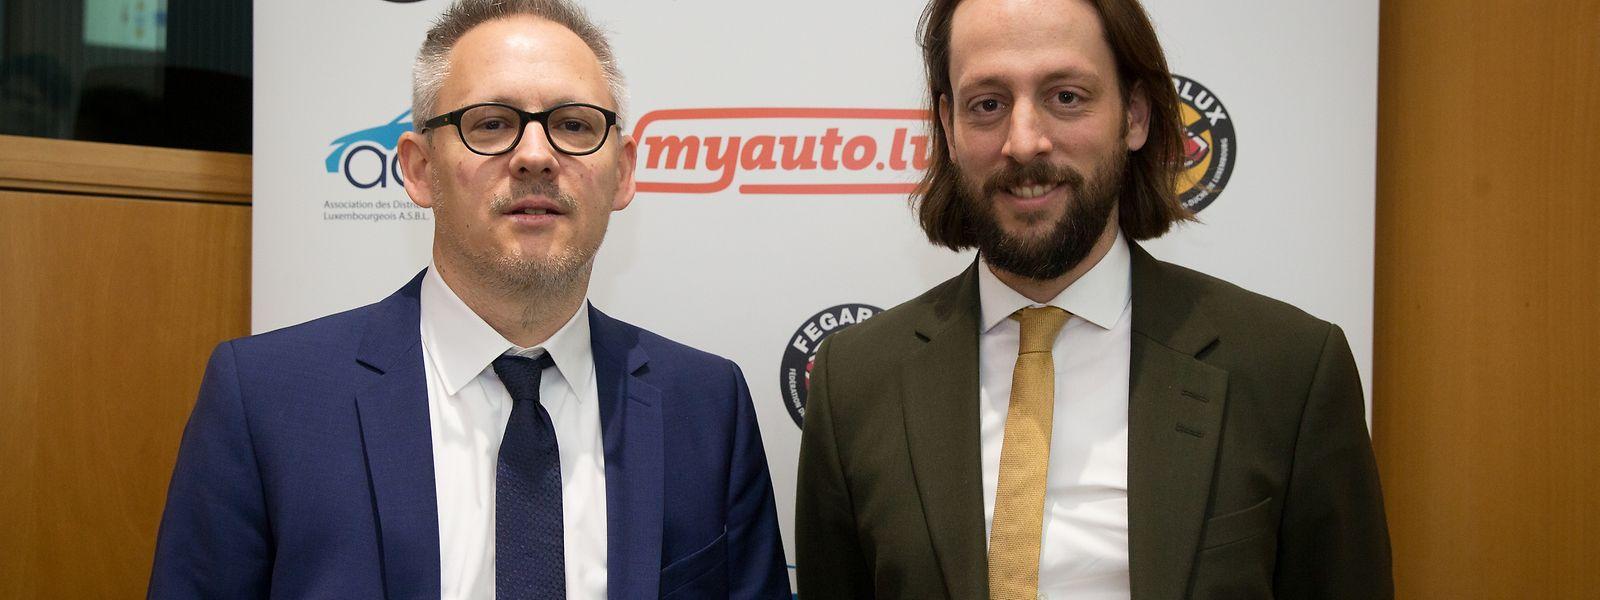 Philippe Mersch und Benji Kontz vereinigen ihre Verbände Fegarlux und ADAL.